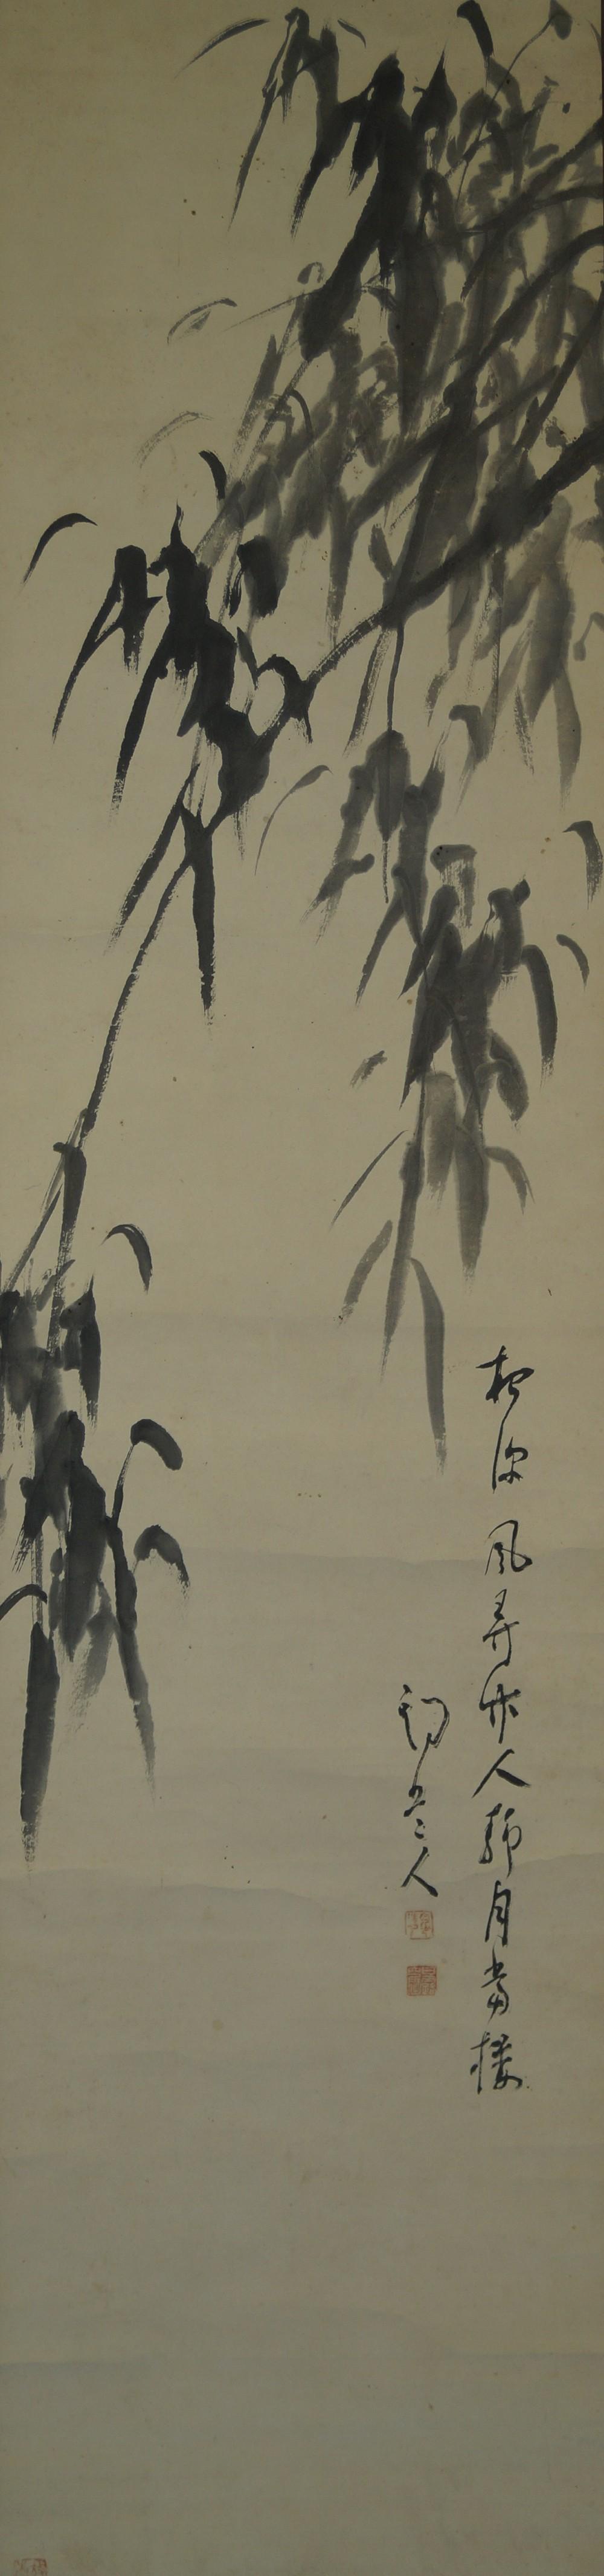 Bambus - Japanisches Rollbild (Kakejiku, Kakemono)